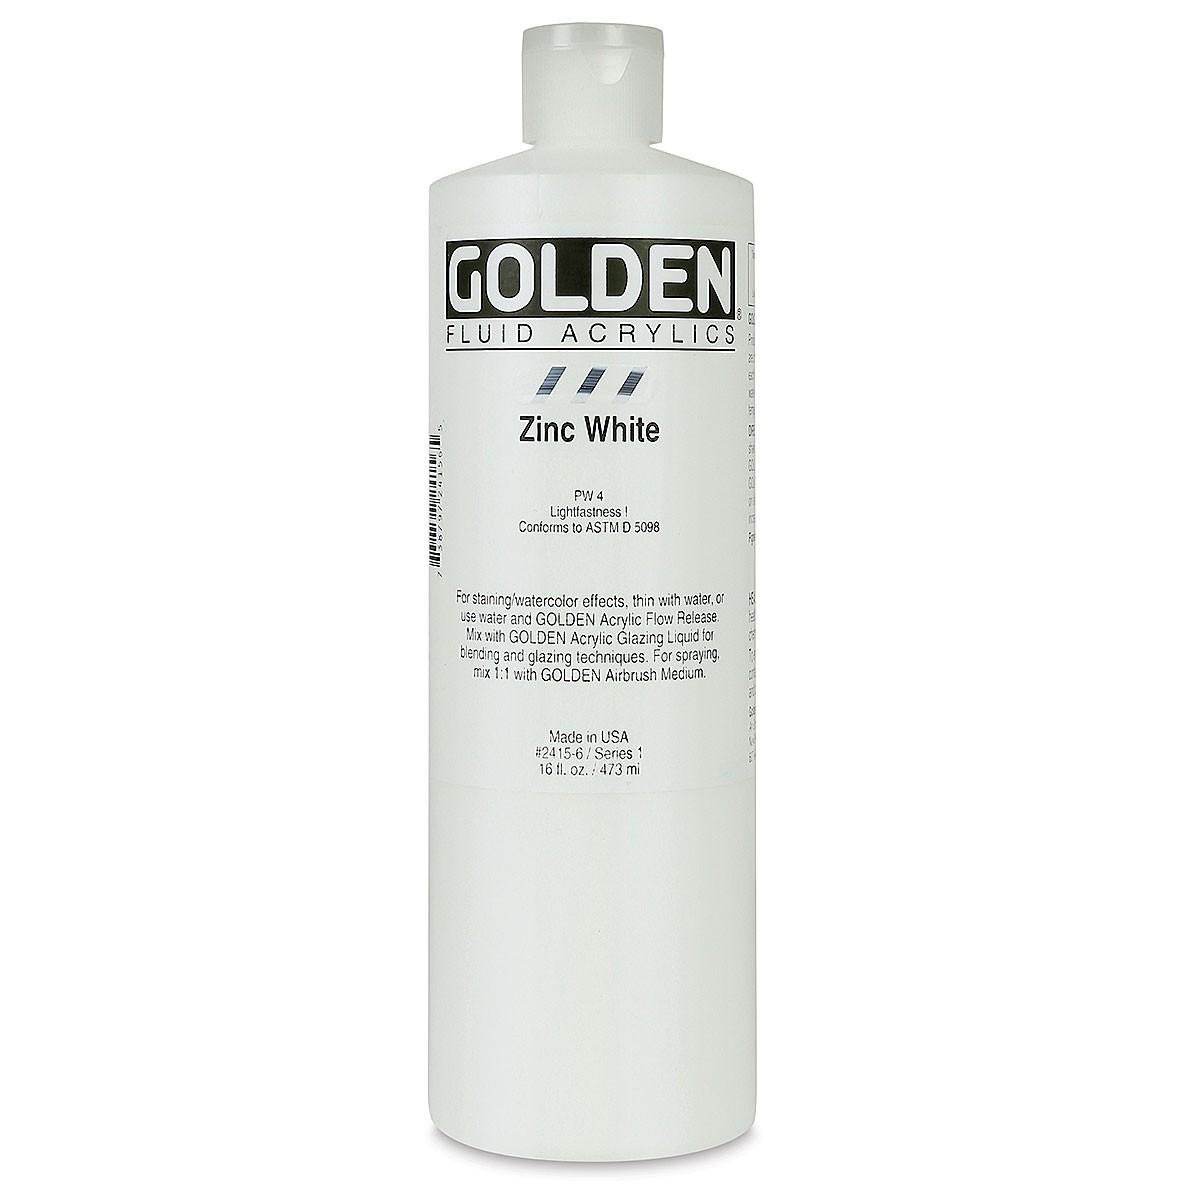 GOLDEN Fluid. Zinc White, 473ml